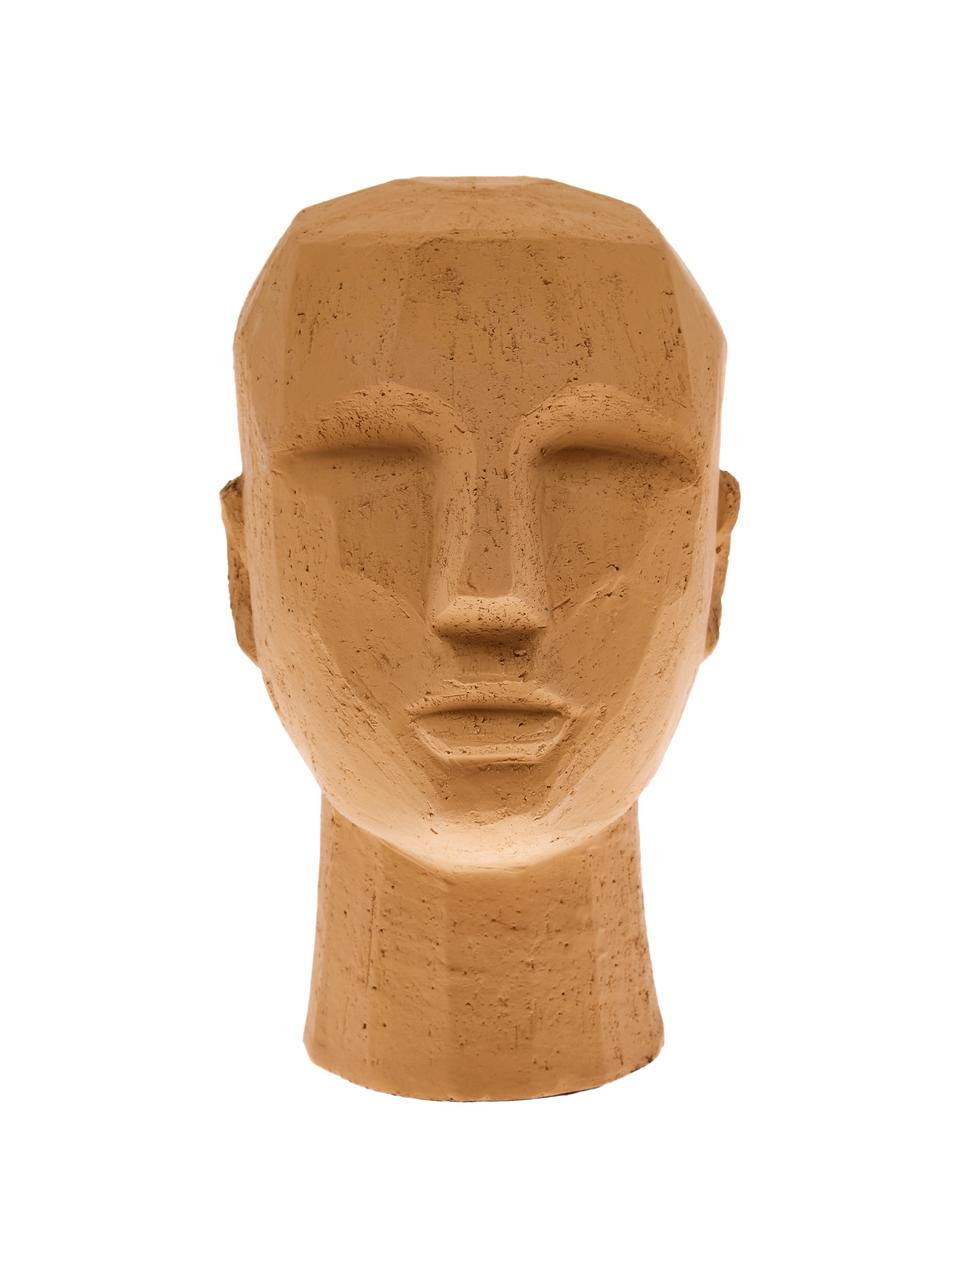 Deko-Objekt Head, Terrakotta, Terrakotta, 18 x 25 cm